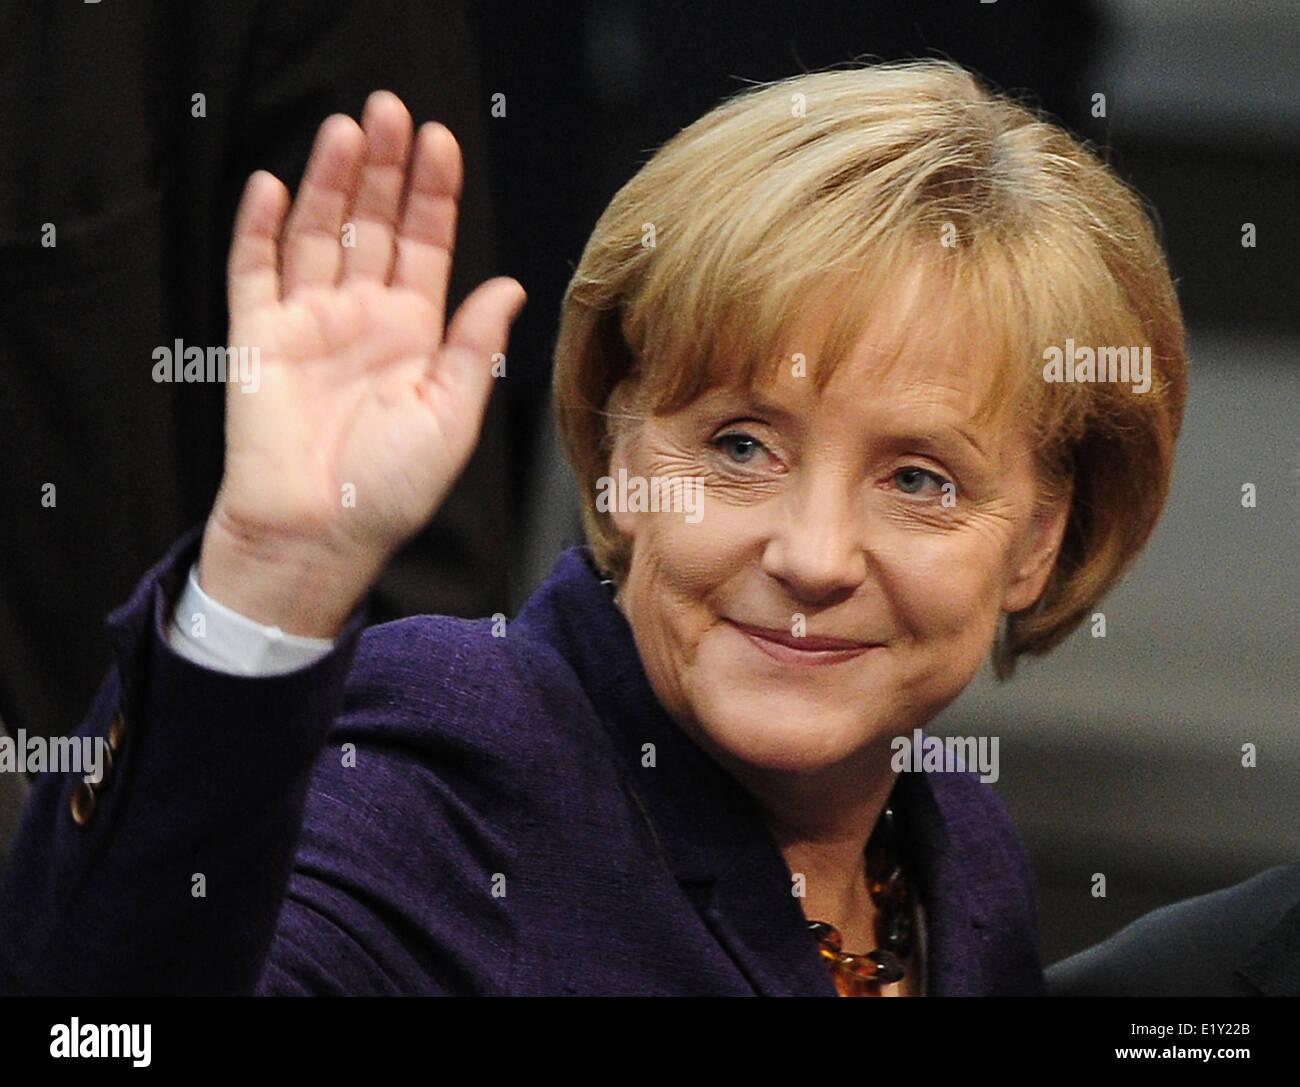 La chancelière Angela Merkel (CDU) vagues après un débat au Bundestag (le 07.05.2010). Les membres du Bundestag mettre l'aide financière pour la Grèce pour le vote. Banque D'Images